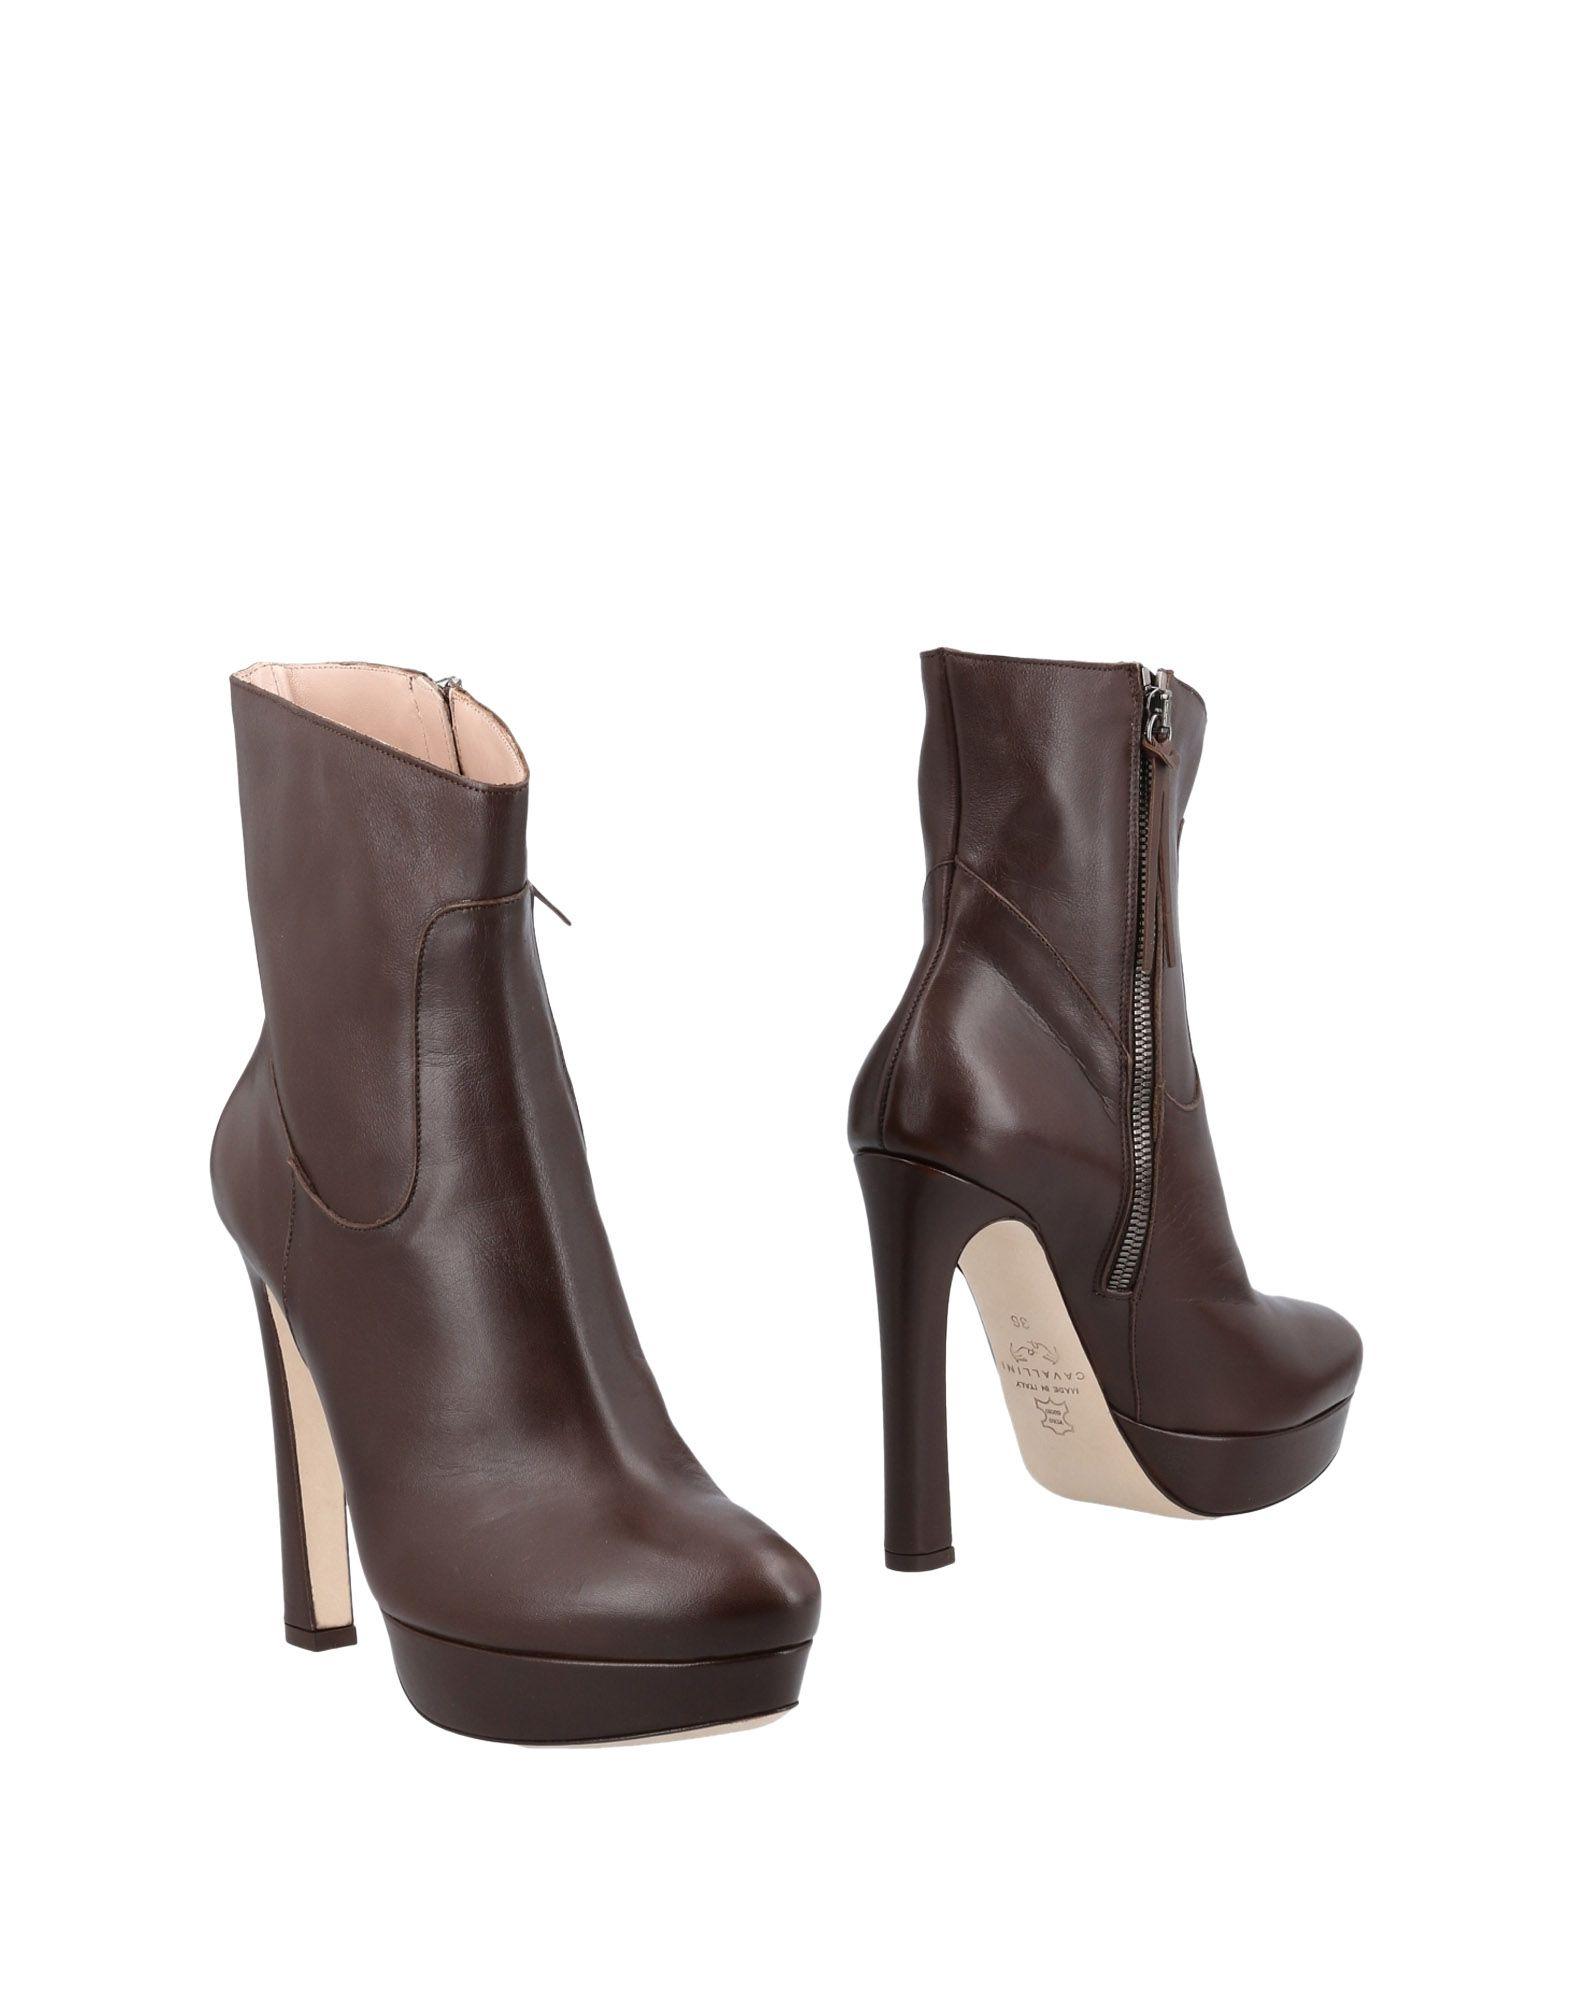 Cavallini Stiefelette Damen  11483722IGGut aussehende strapazierfähige Schuhe